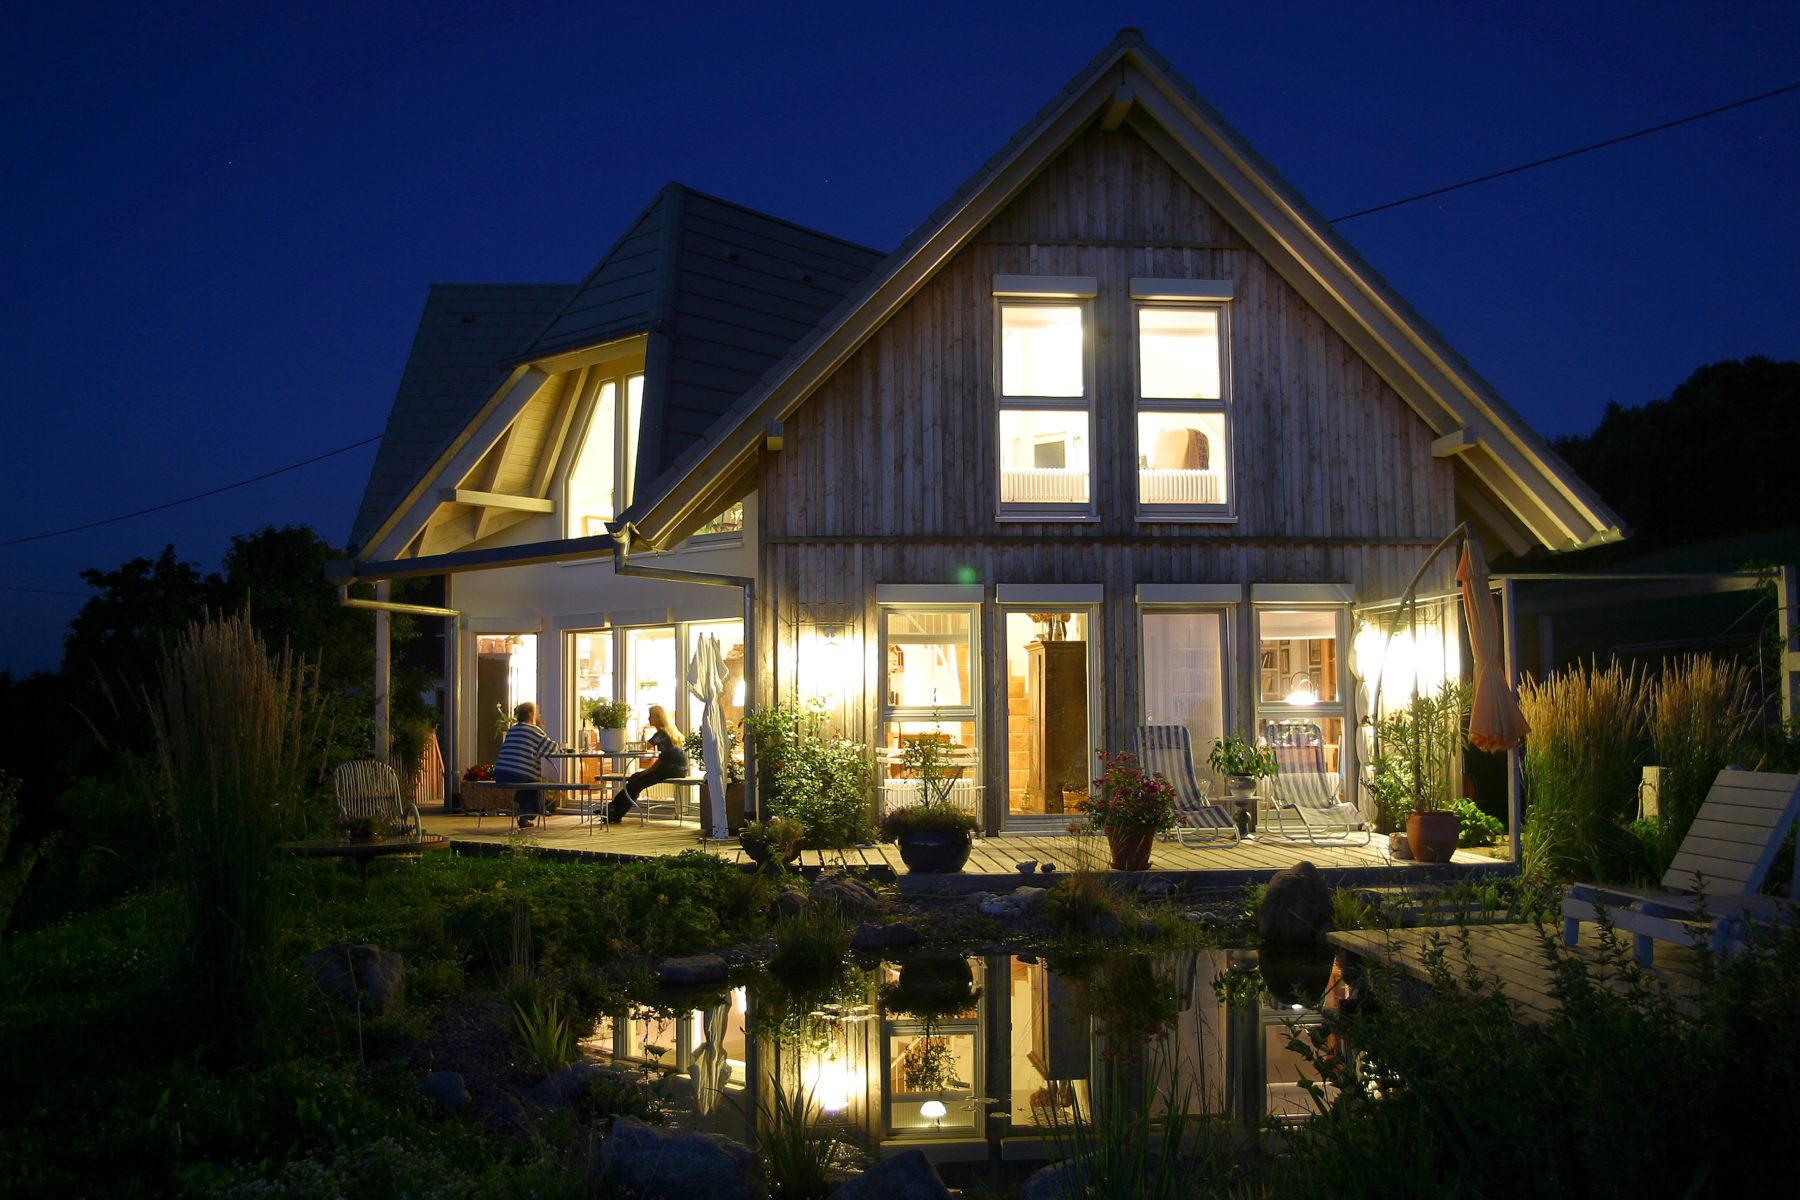 Förderung des Holzhausbaus